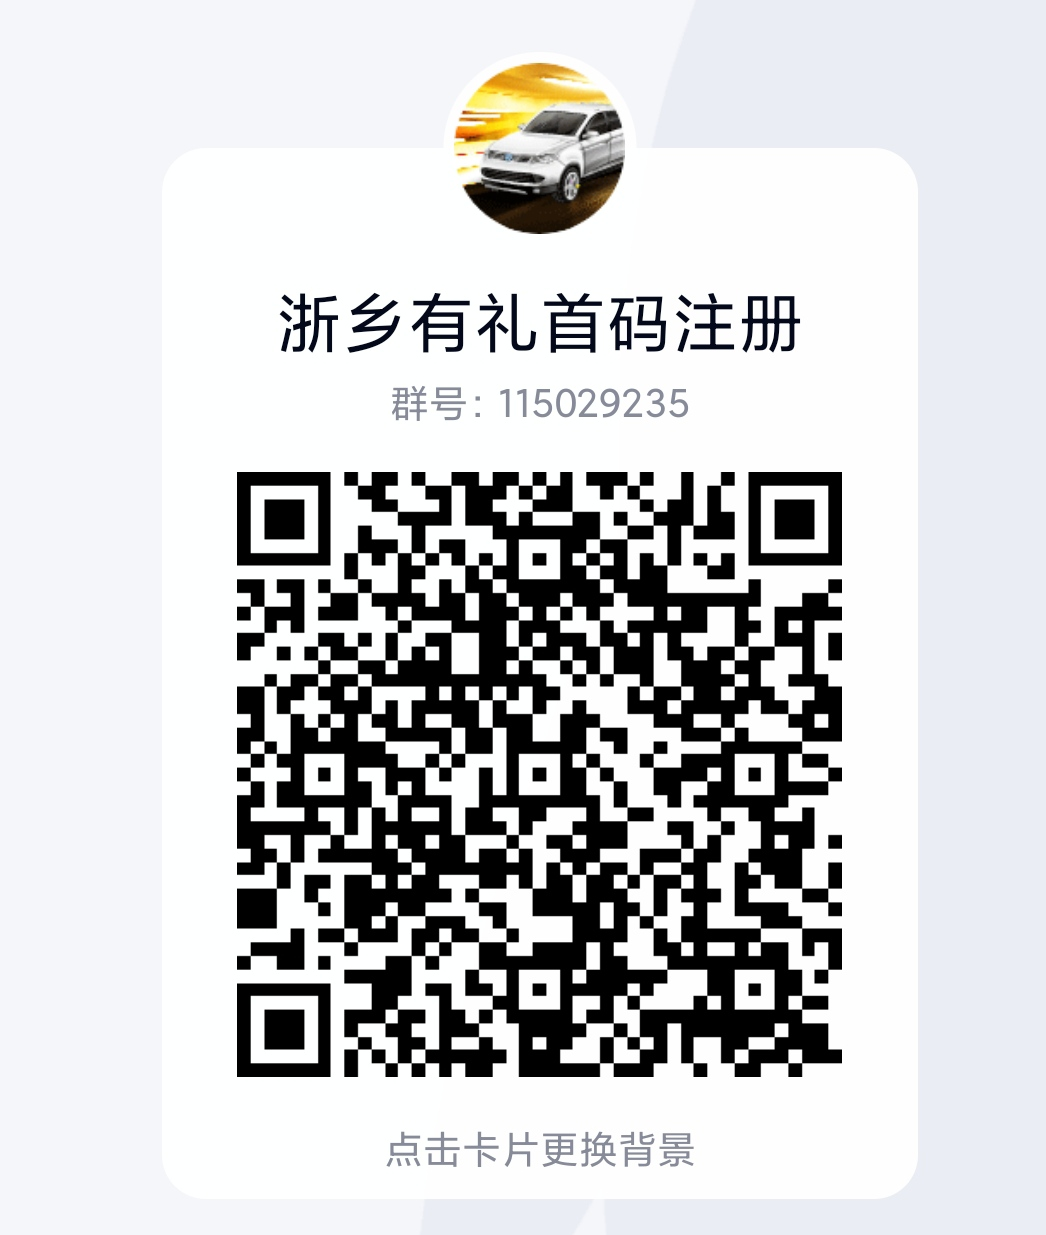 图片[4]-千万拉新奖,老中青明星代言,浙乡有礼拼团首码-首码社